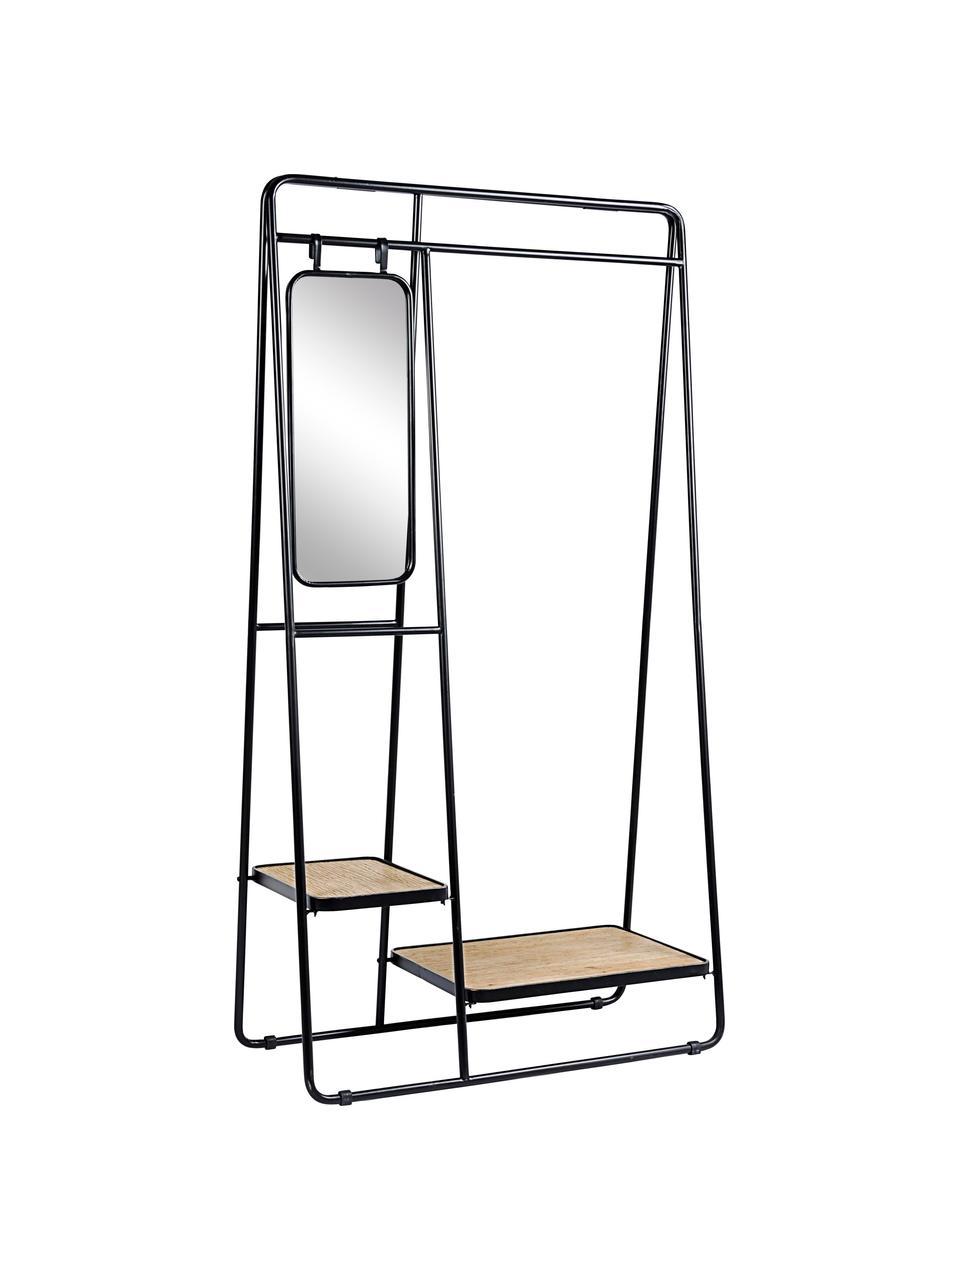 Kleiderständer Jerrod mit Spiegel, Gestell: Metall, epoxidiert und pu, Einlegeböden: Mitteldichte Holzfaserpla, Spiegelfläche: Spiegelglas, Schwarz, Braun, 93 x 178 cm